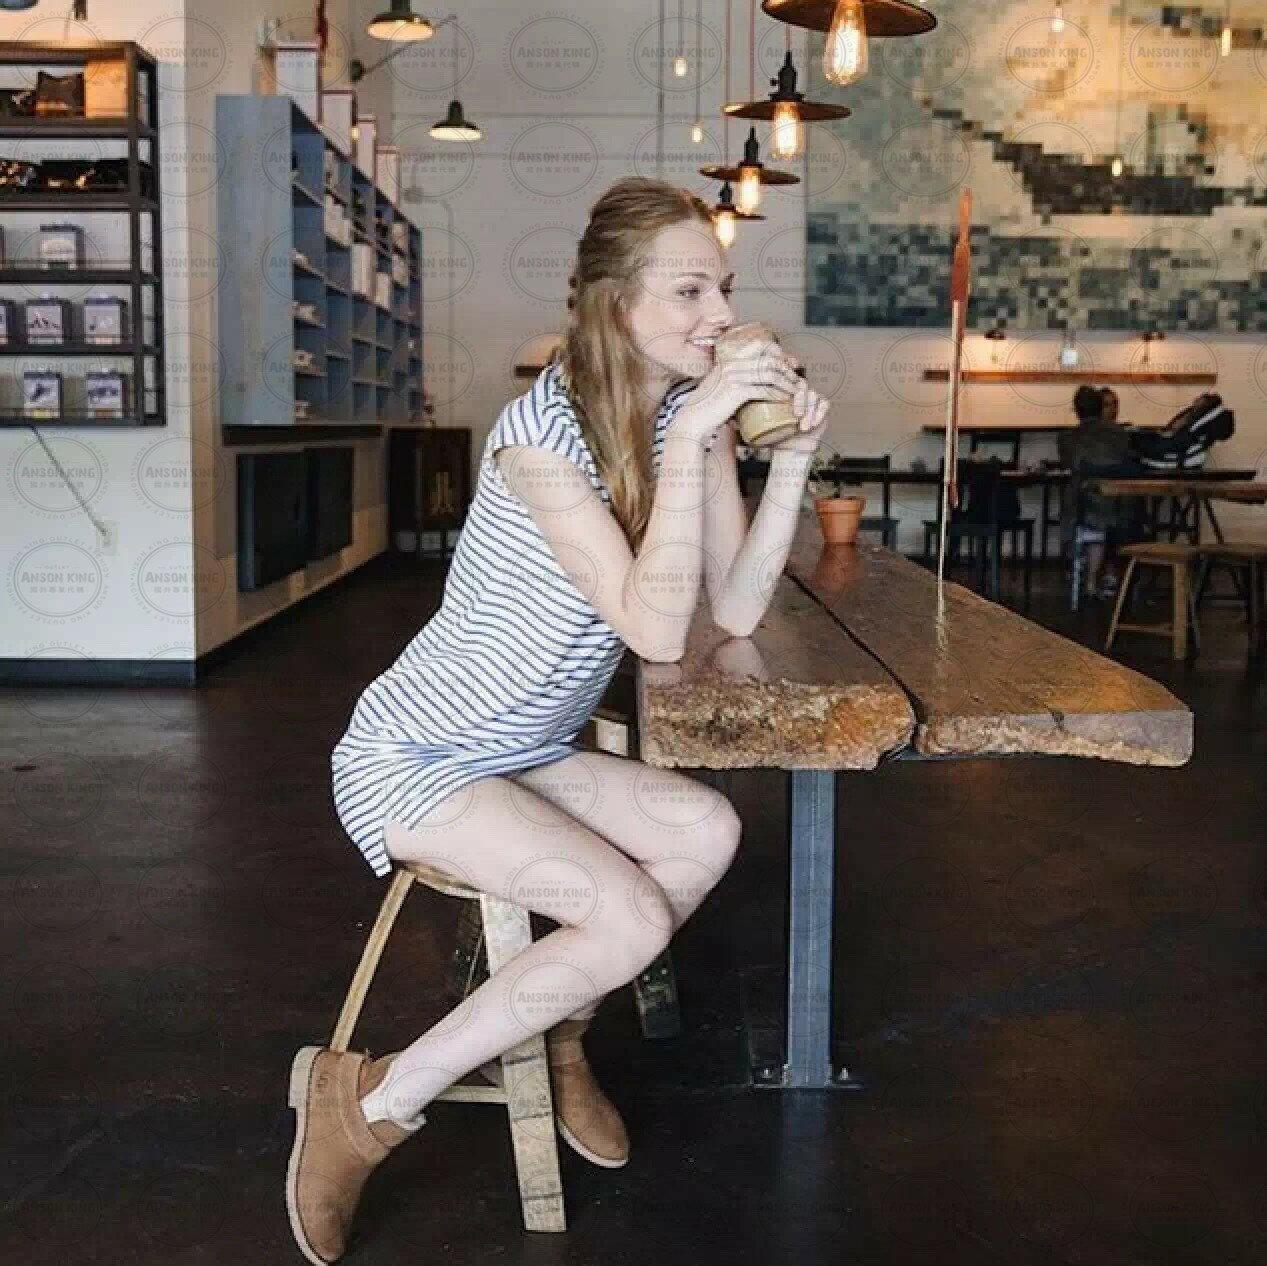 OUTLET正品代購 澳洲 UGG 羊皮毛一體馬汀靴 中長靴 保暖 真皮羊皮毛 雪靴 短靴 棕色 5